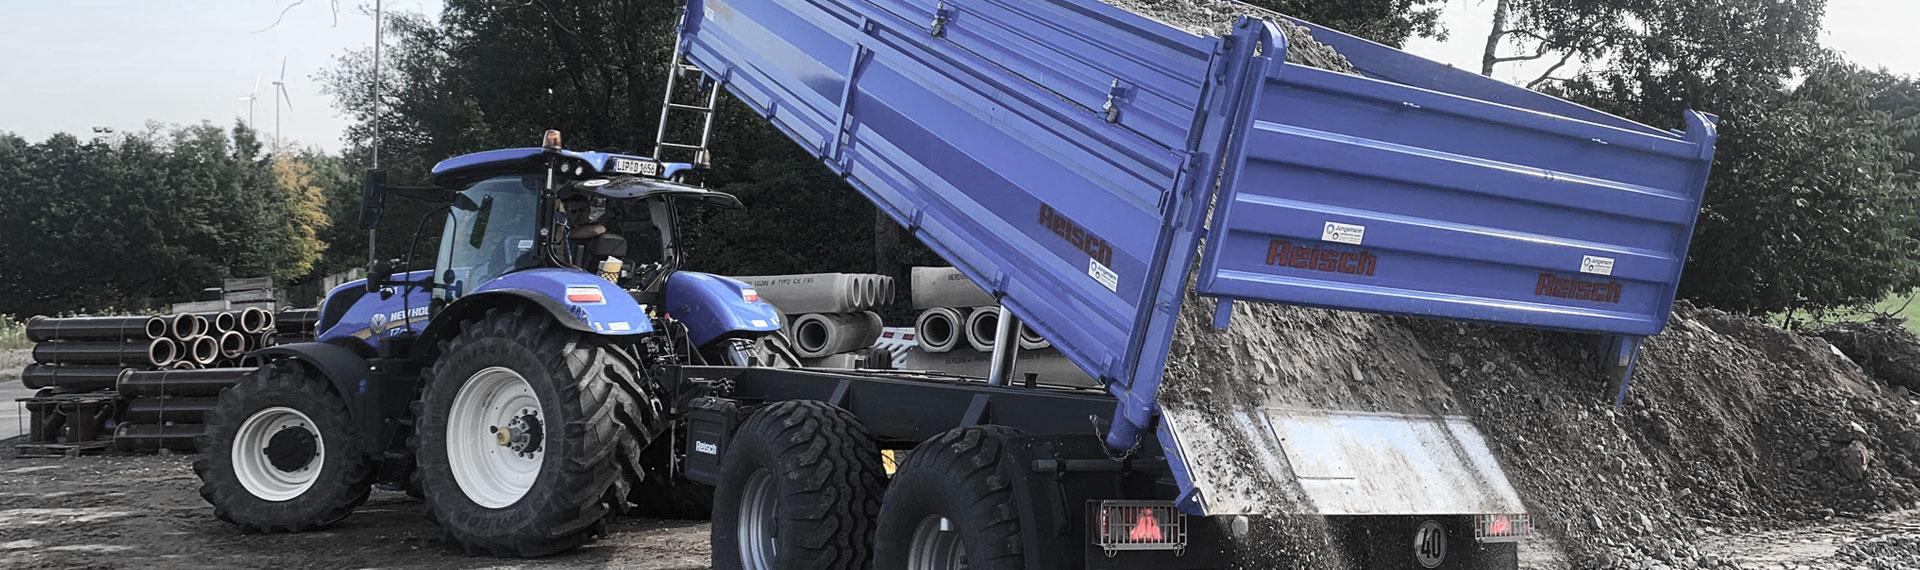 大量の石を下ろすHardox®薄板鋼板製ボディの青いティッパートラック。